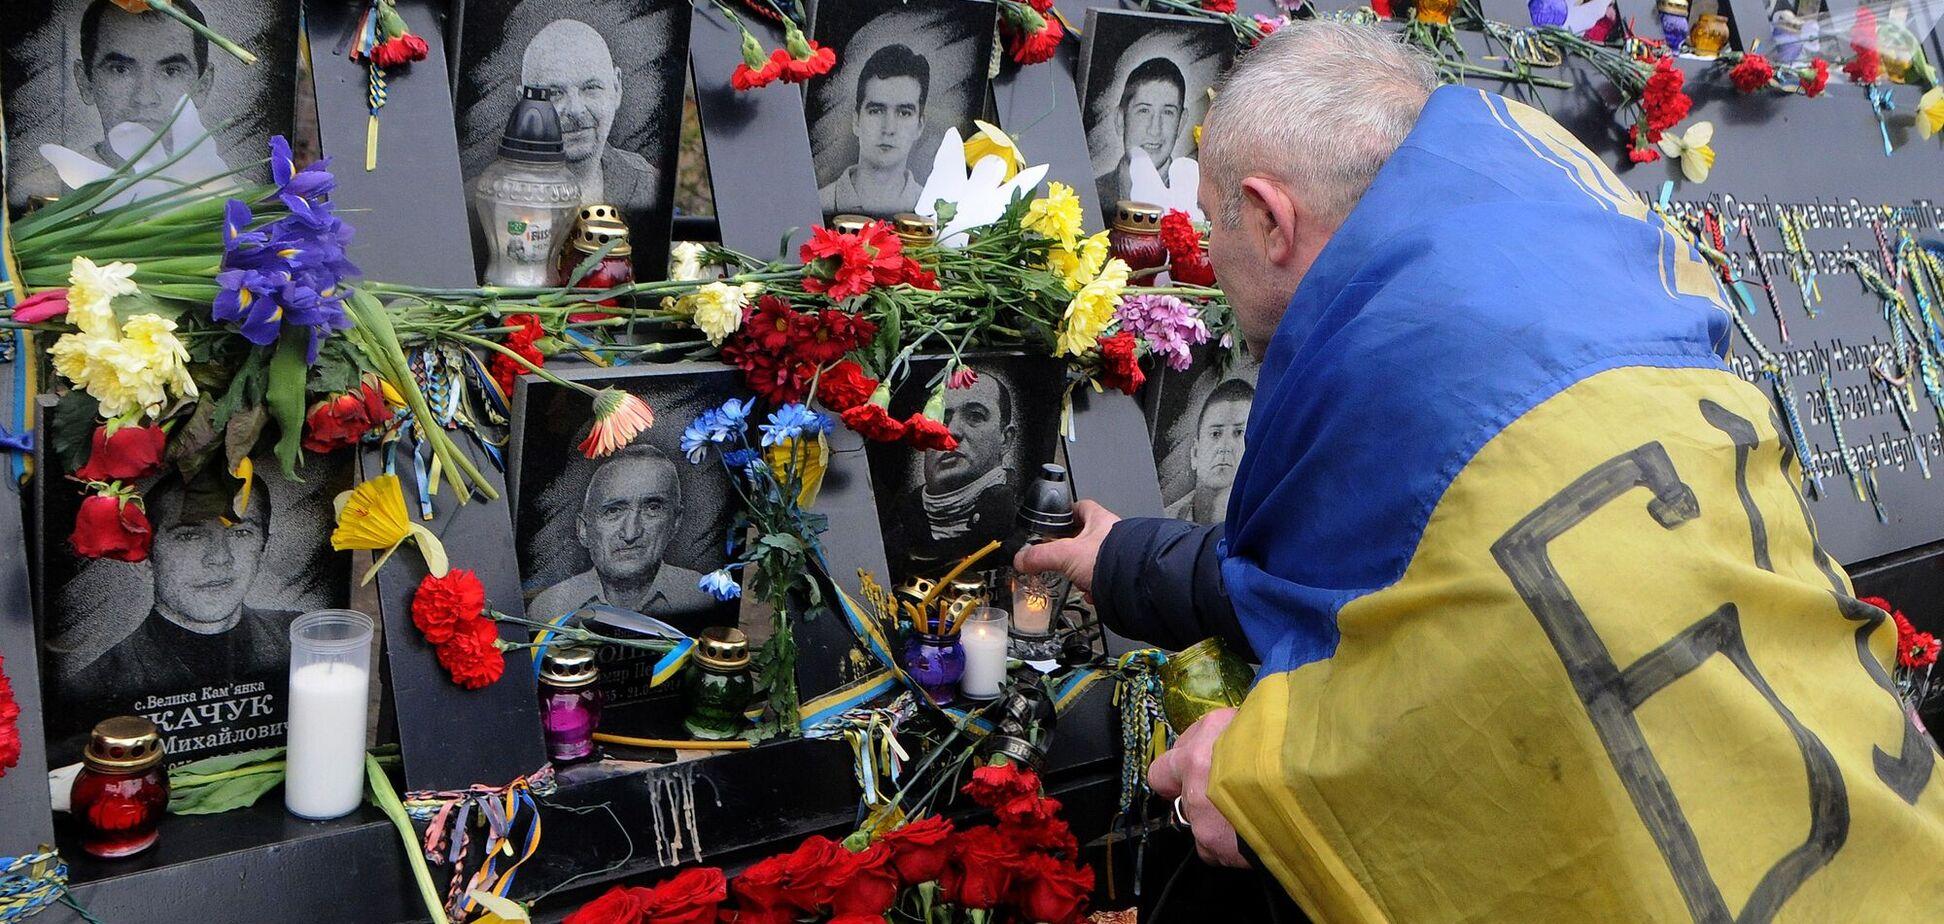 21 листопада в Україні відзначають День свободи та гідності